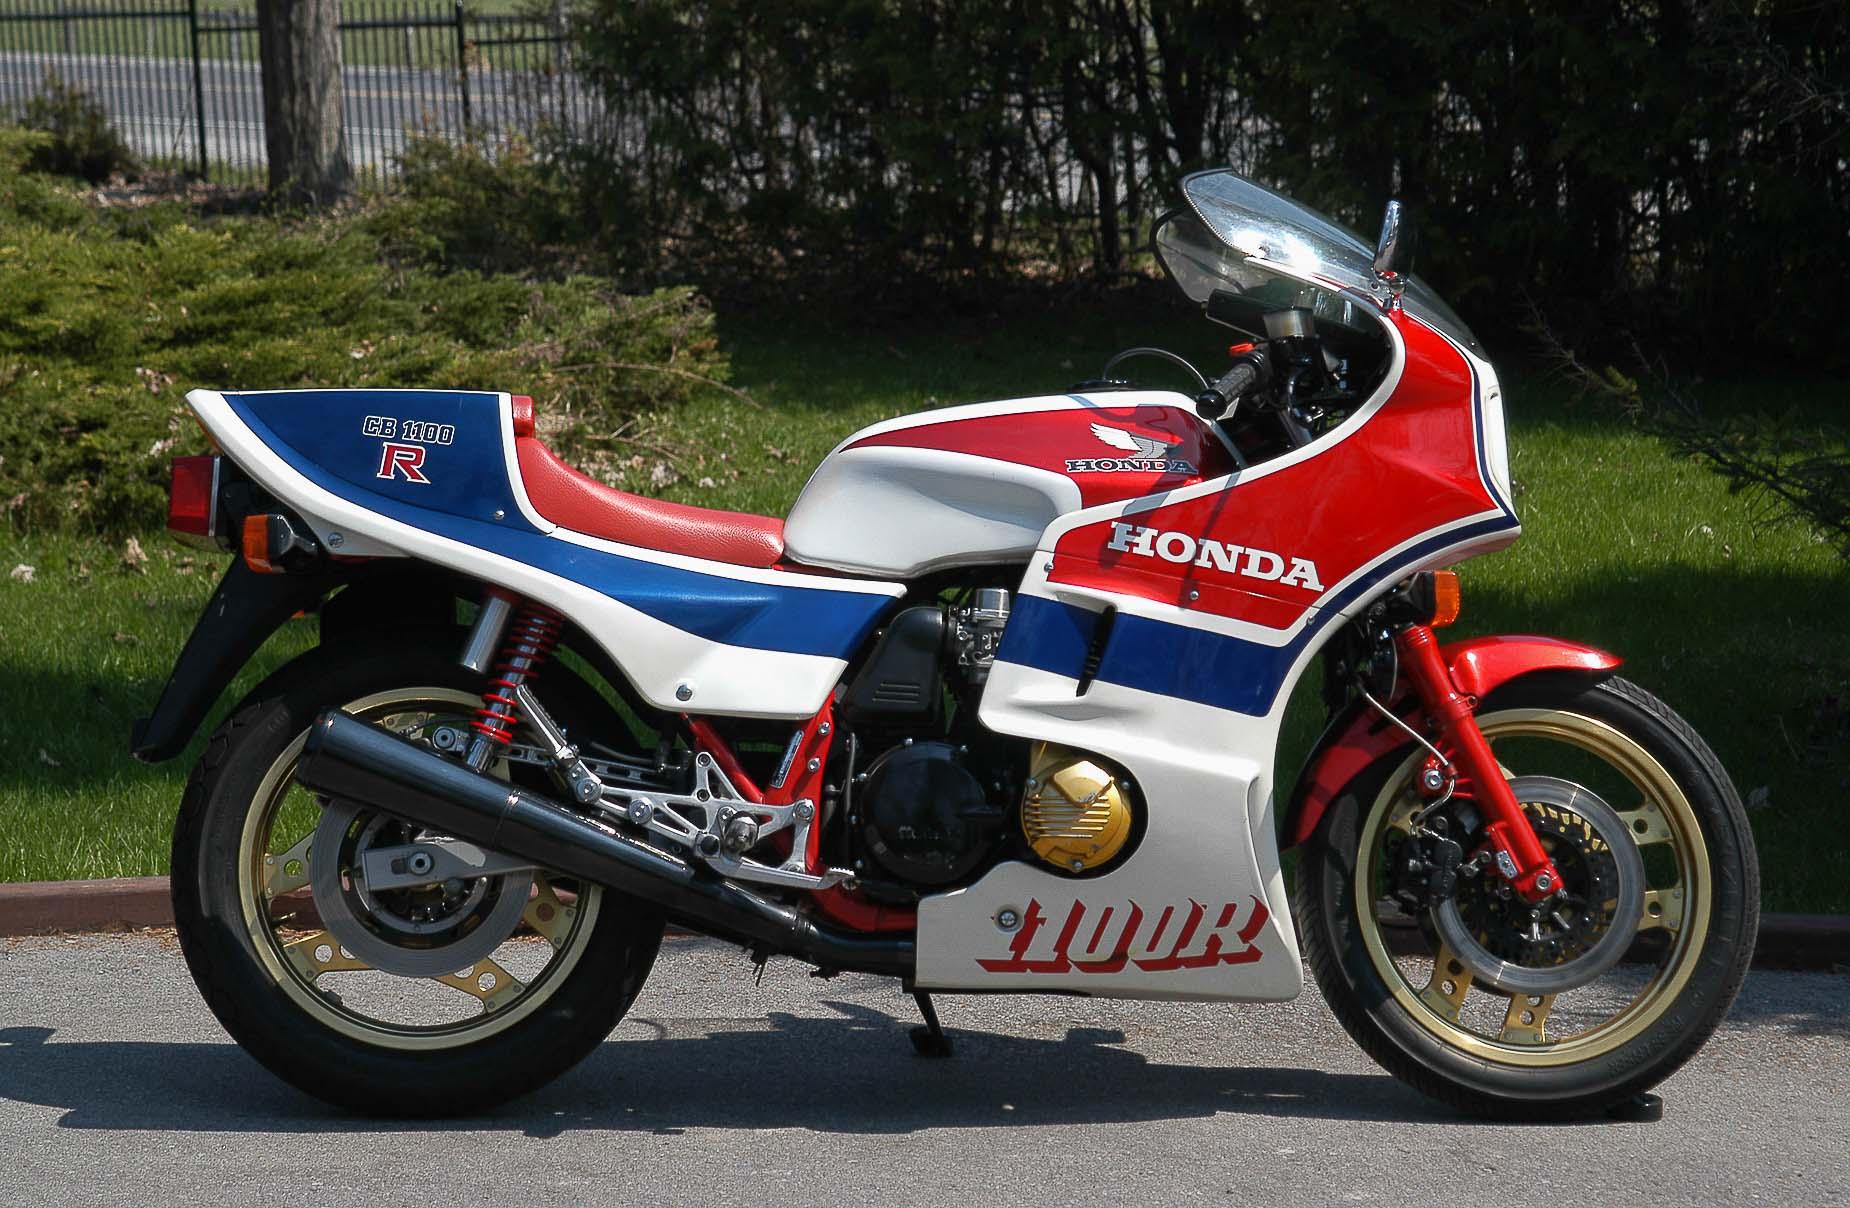 HONDA CB 1100R (1980-1984)